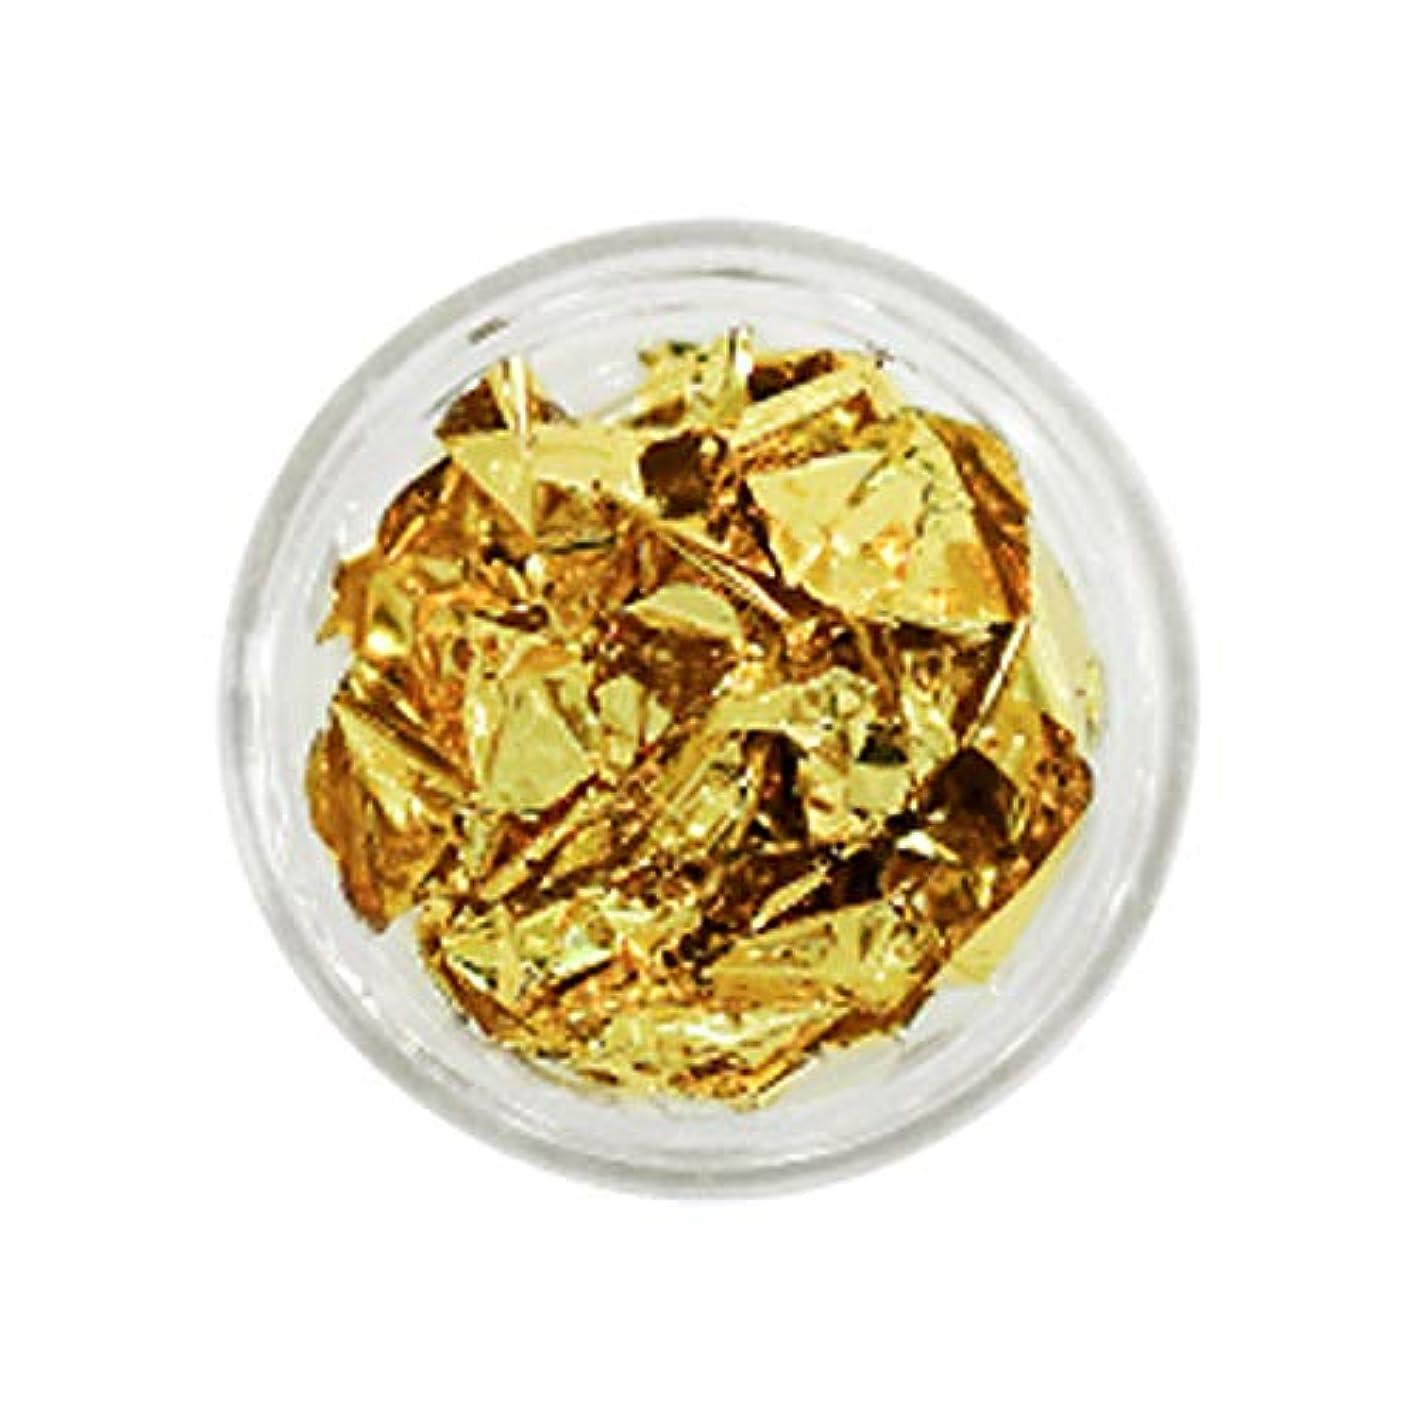 連結する家主更新するBonnail(ボンネイル) 箔セレクション プラチナゴールド